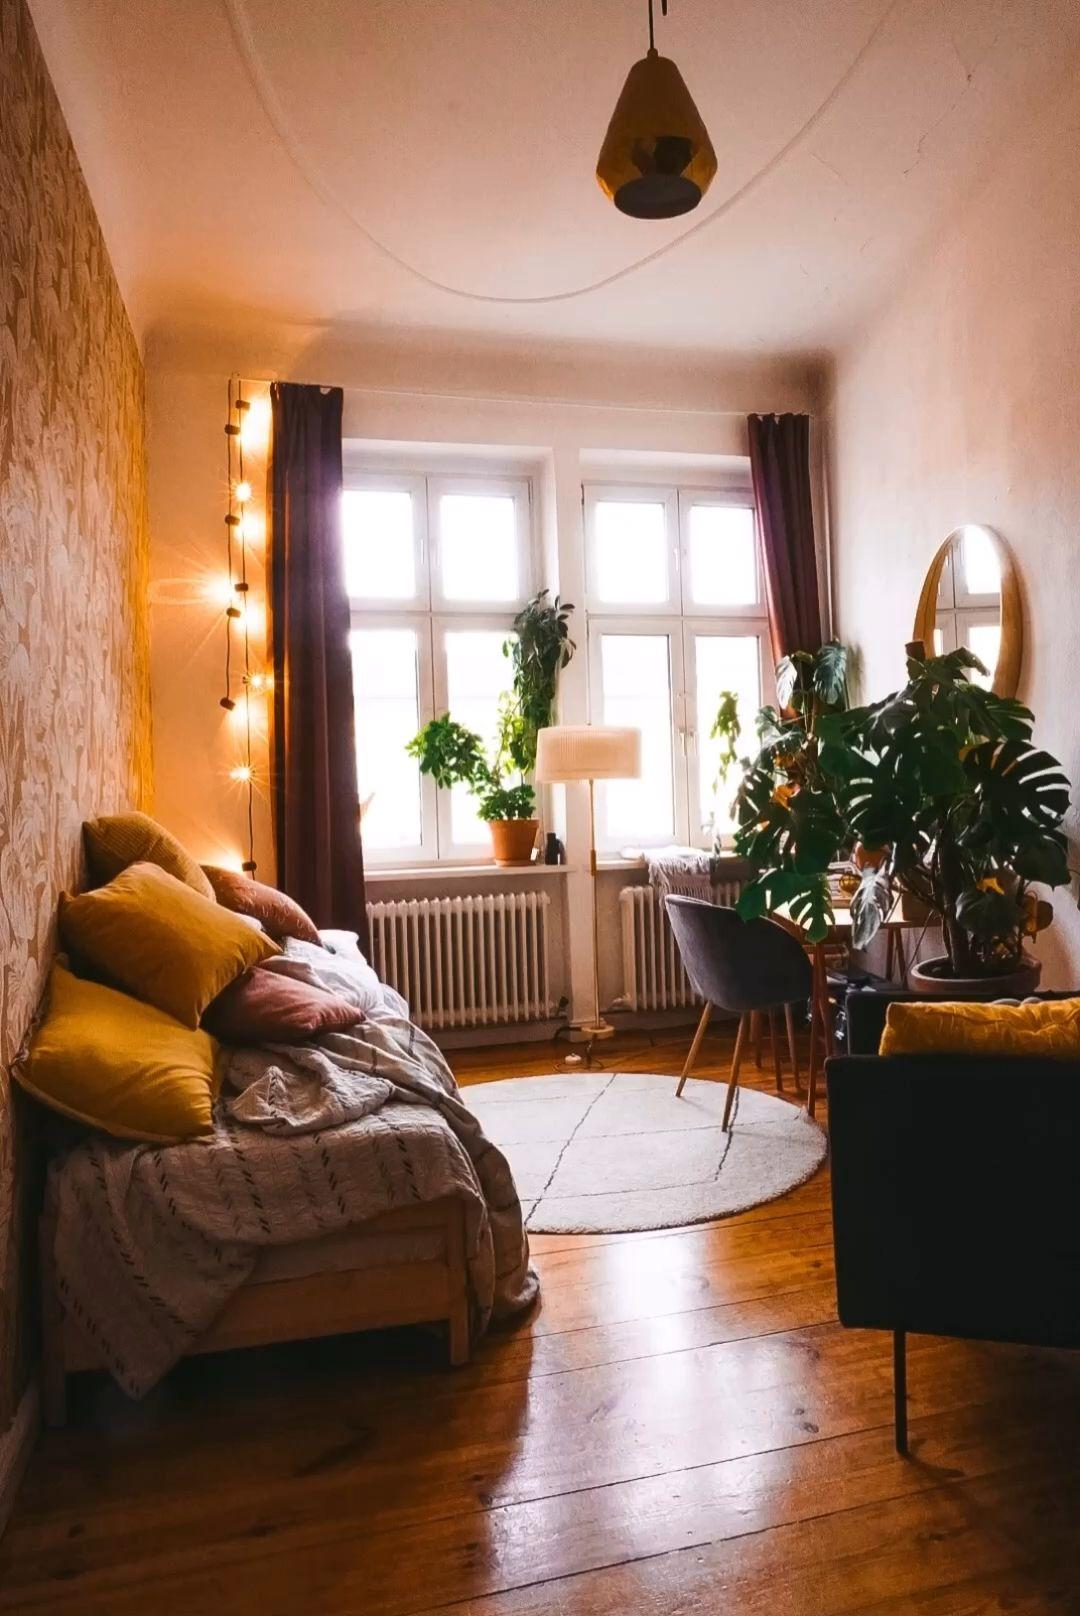 Das Leben am Platzlimit – Fridlaas erste eigene Wohnung in Berlin